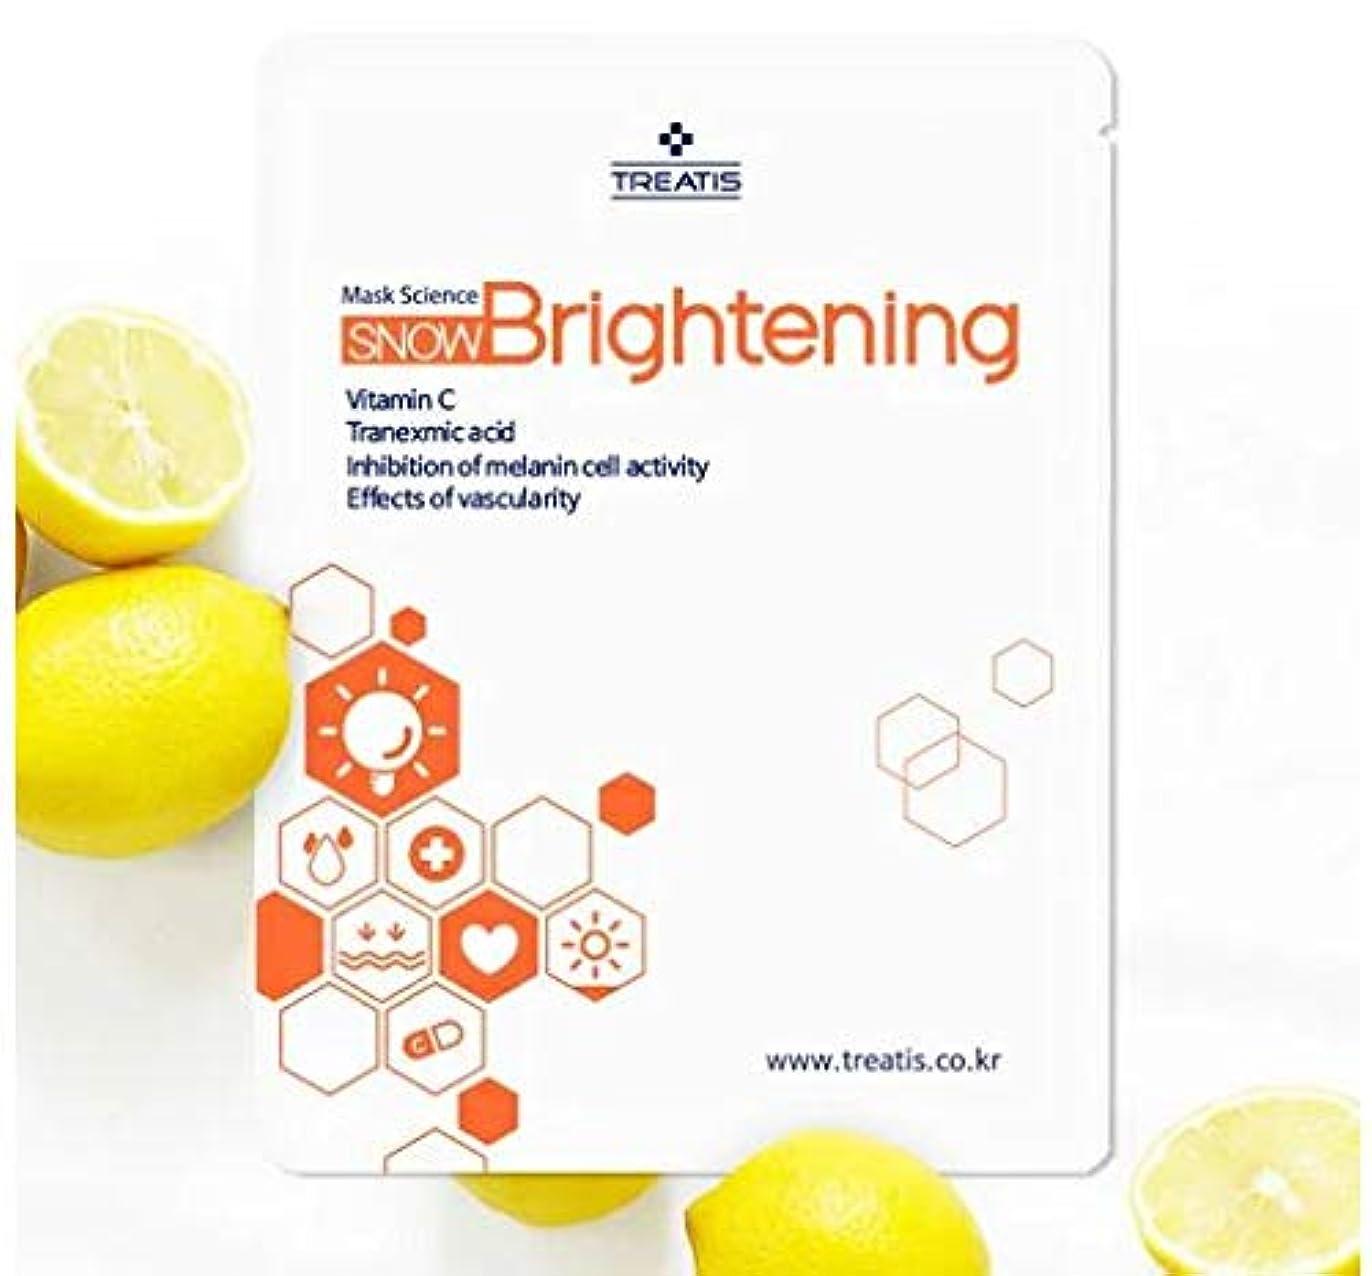 集団的守銭奴マディソン♥贈呈品あり♥ [TREATIS] マスクサイエンスースノーブライトニングビタミンCマスクパック(シートマスク10枚入り)/Snow Brightening Vitamin C Mask Sheet (10Sheets)